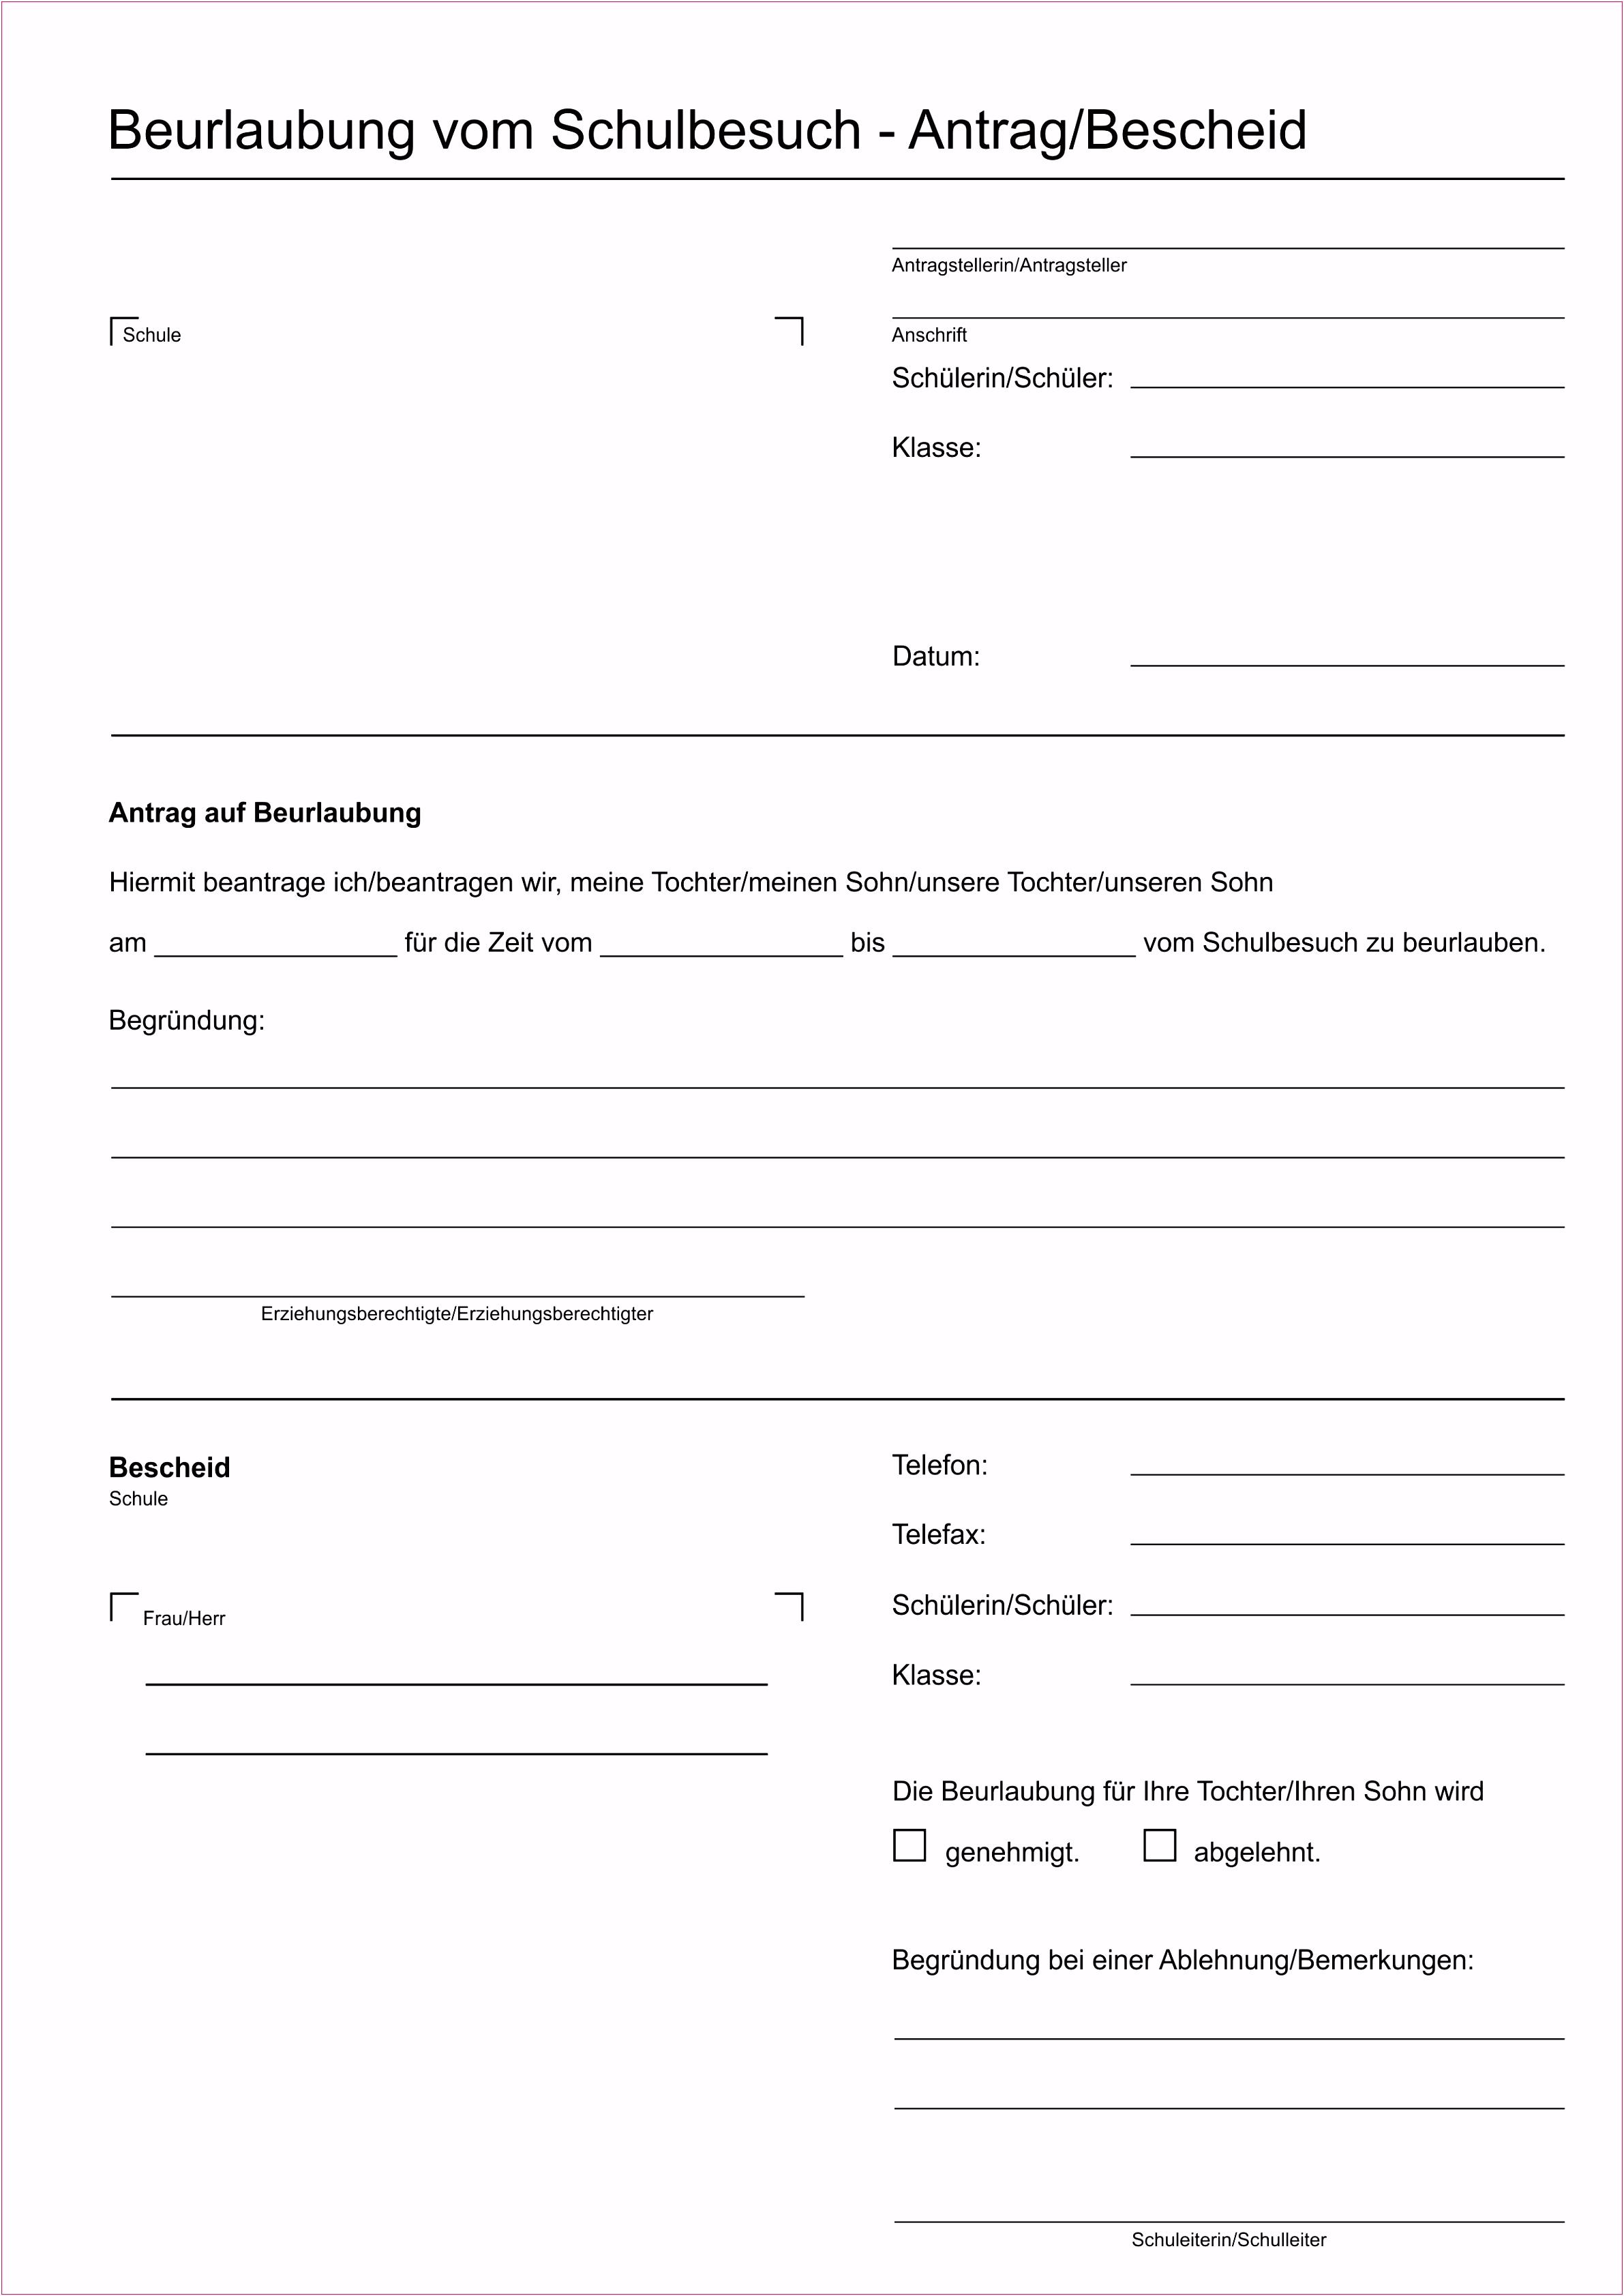 Bestof Bewerbung Verwaltungsfachangestellte Muster Von 20 Bild